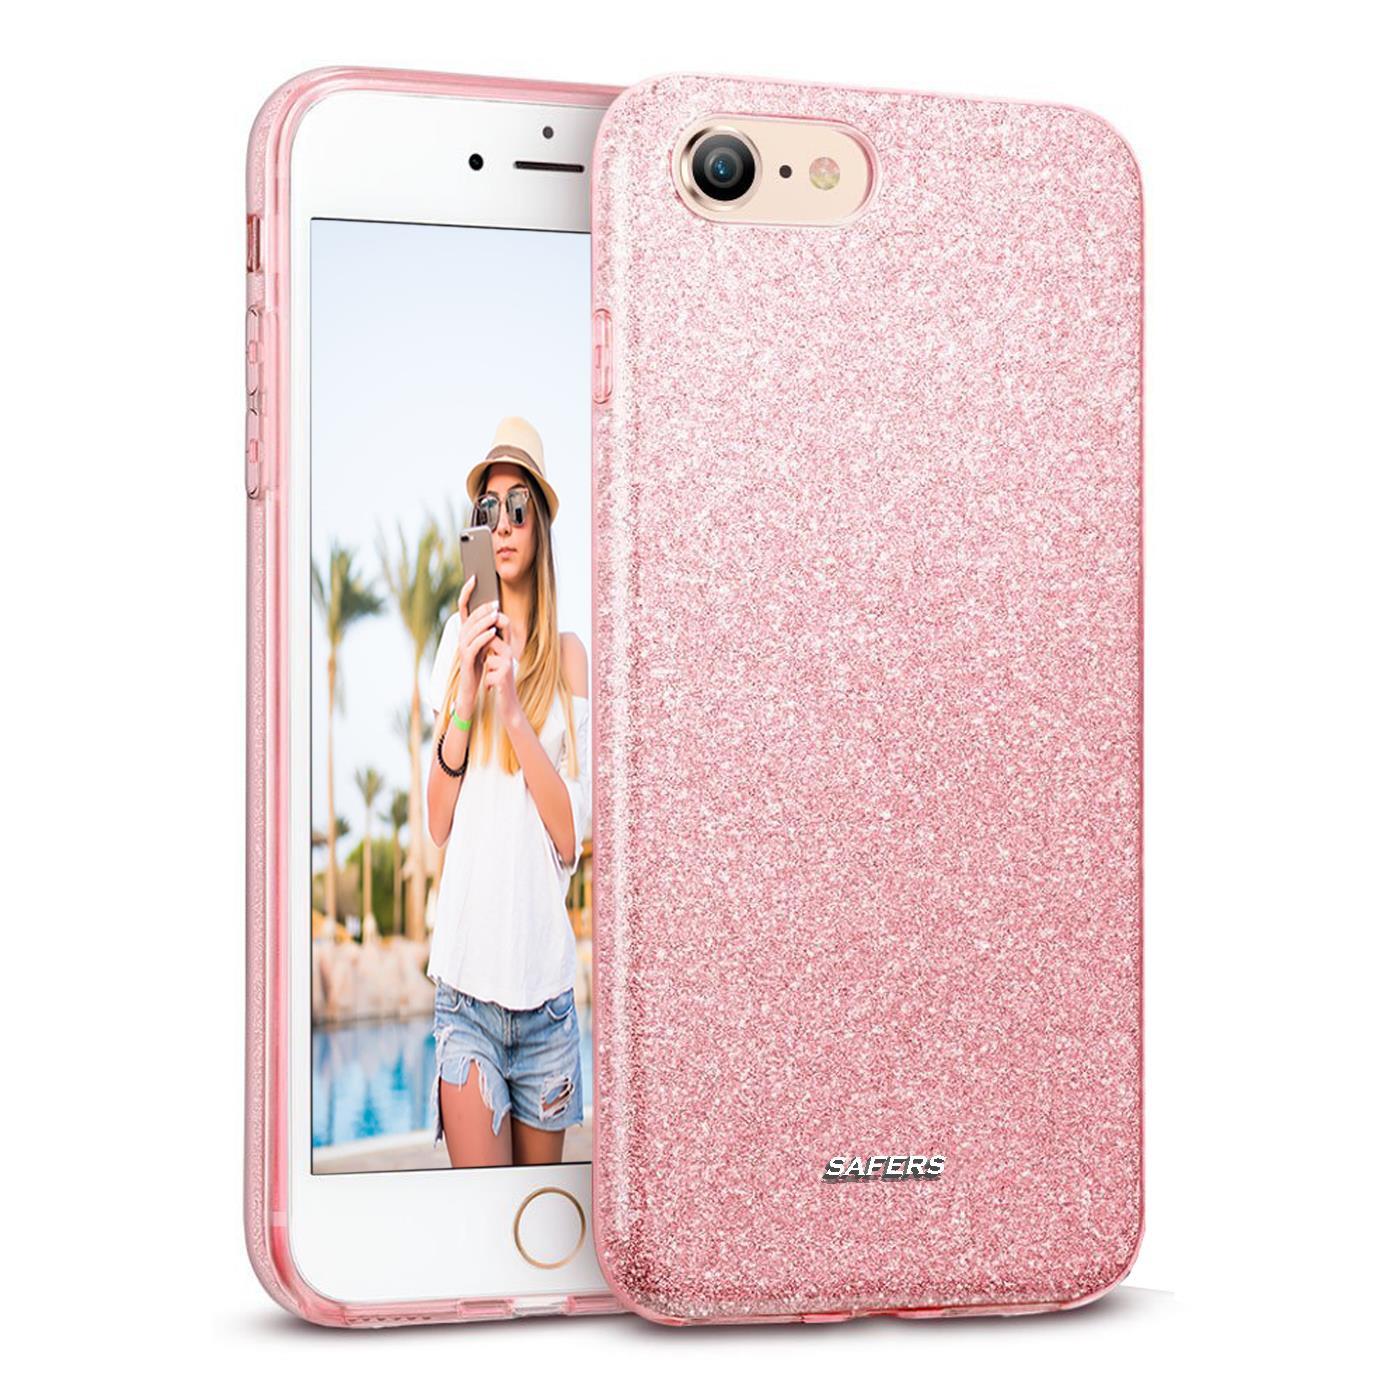 Handy Glitzer Hülle für Apple iPhone Slim TPU Cover Case Silikon Schutz Tasche